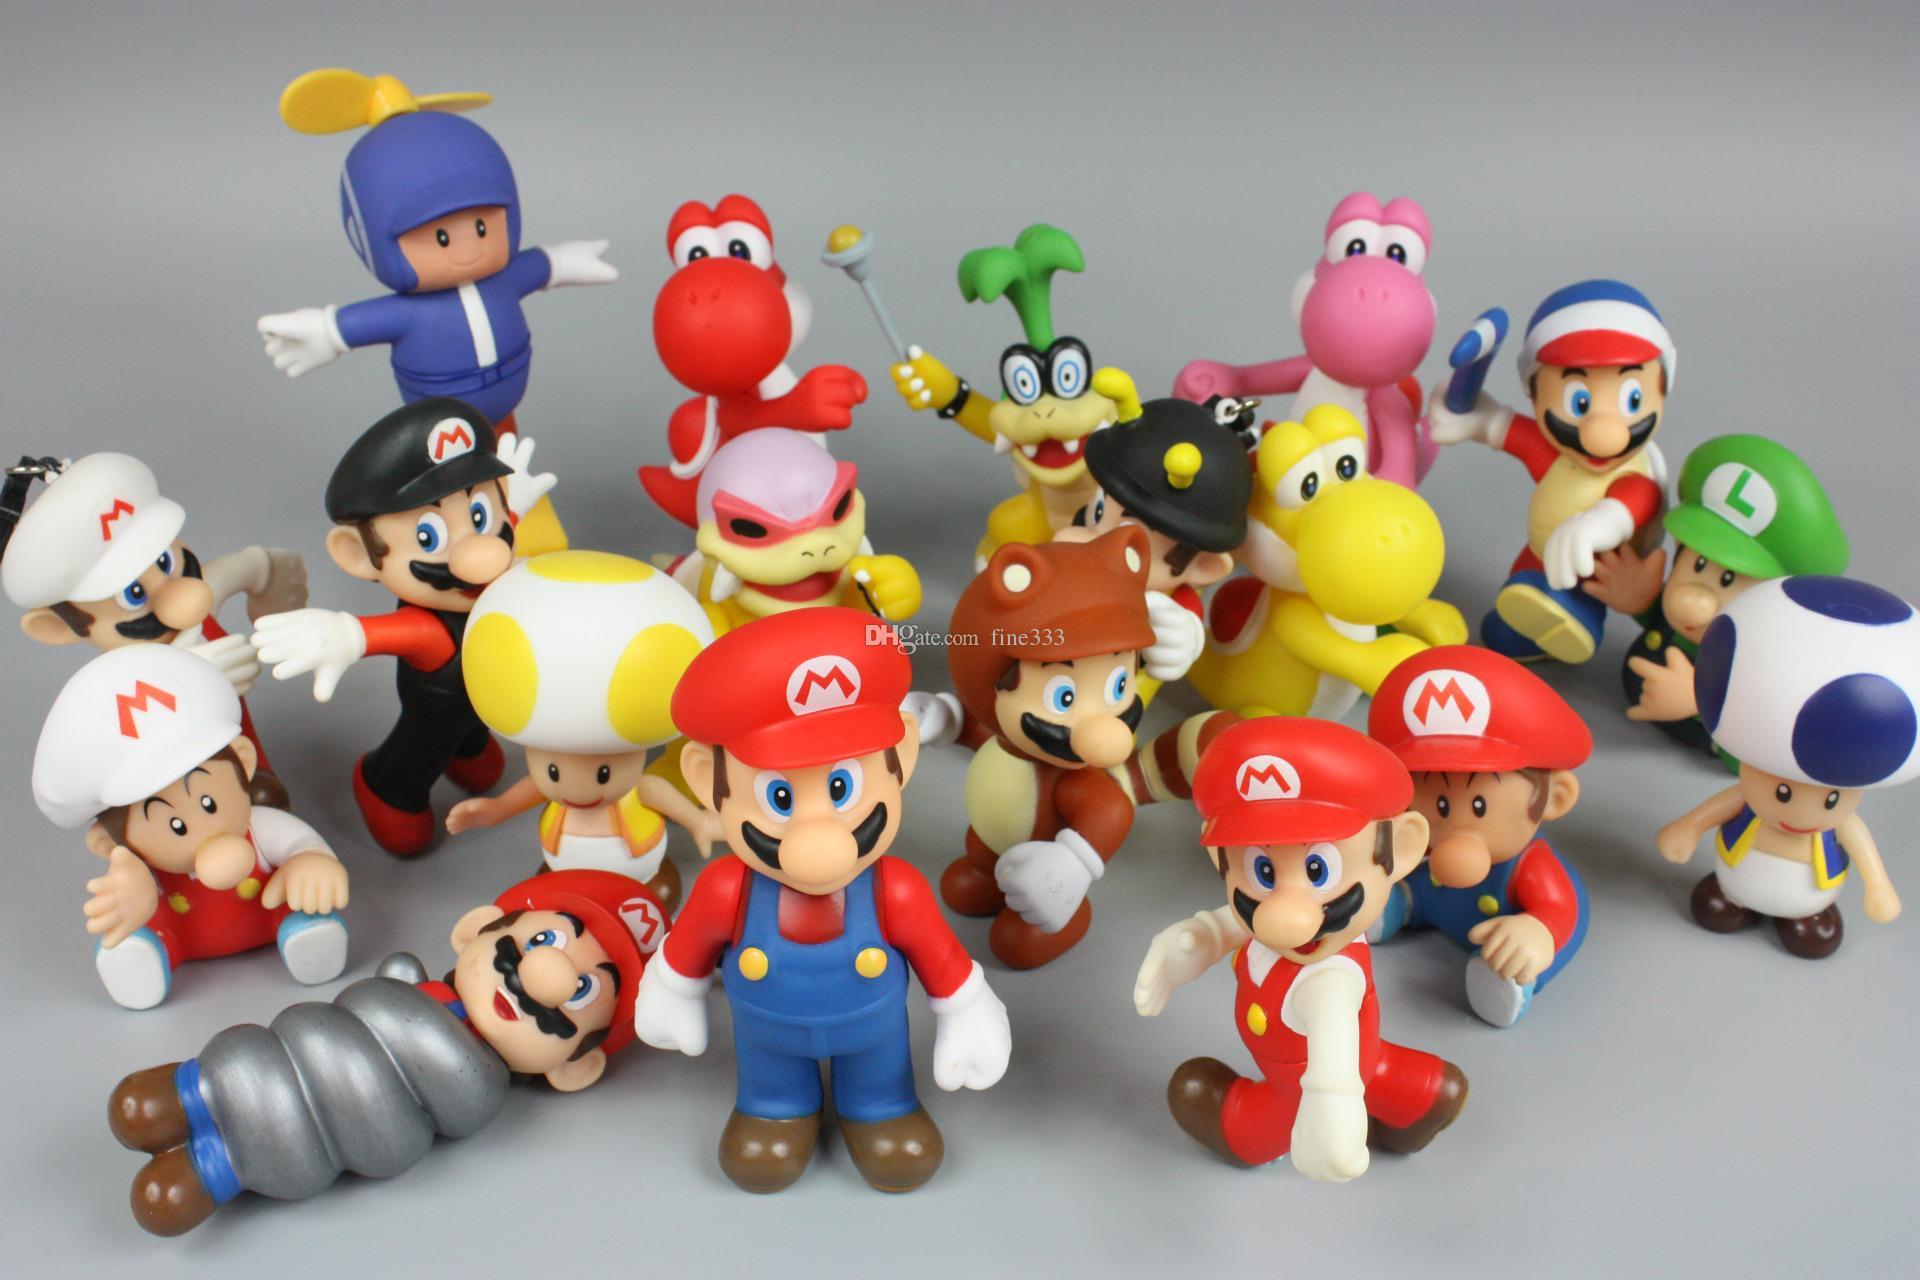 Mario Bros Action Figures Original 4.3Inch Super Mario Doll Toys 20 Models Random Mix lol